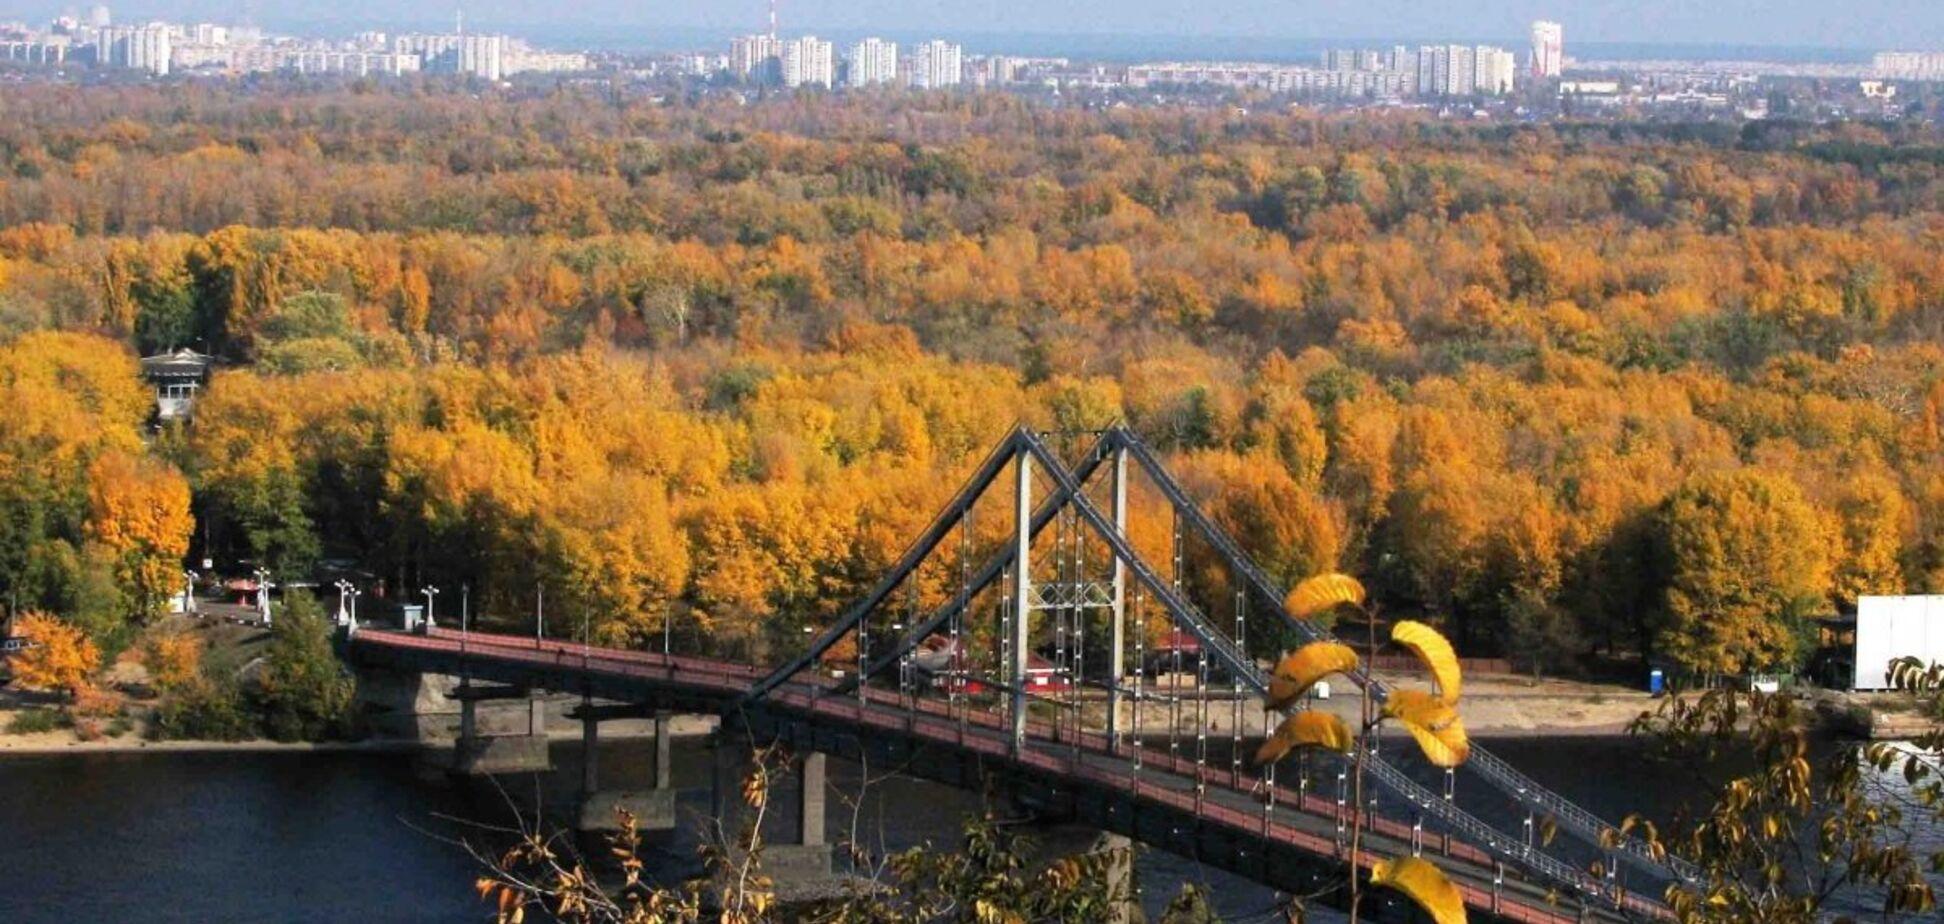 Потрібно дві зарплати: Київ потрапив до трійки міст світу з найдорожчою орендою житла